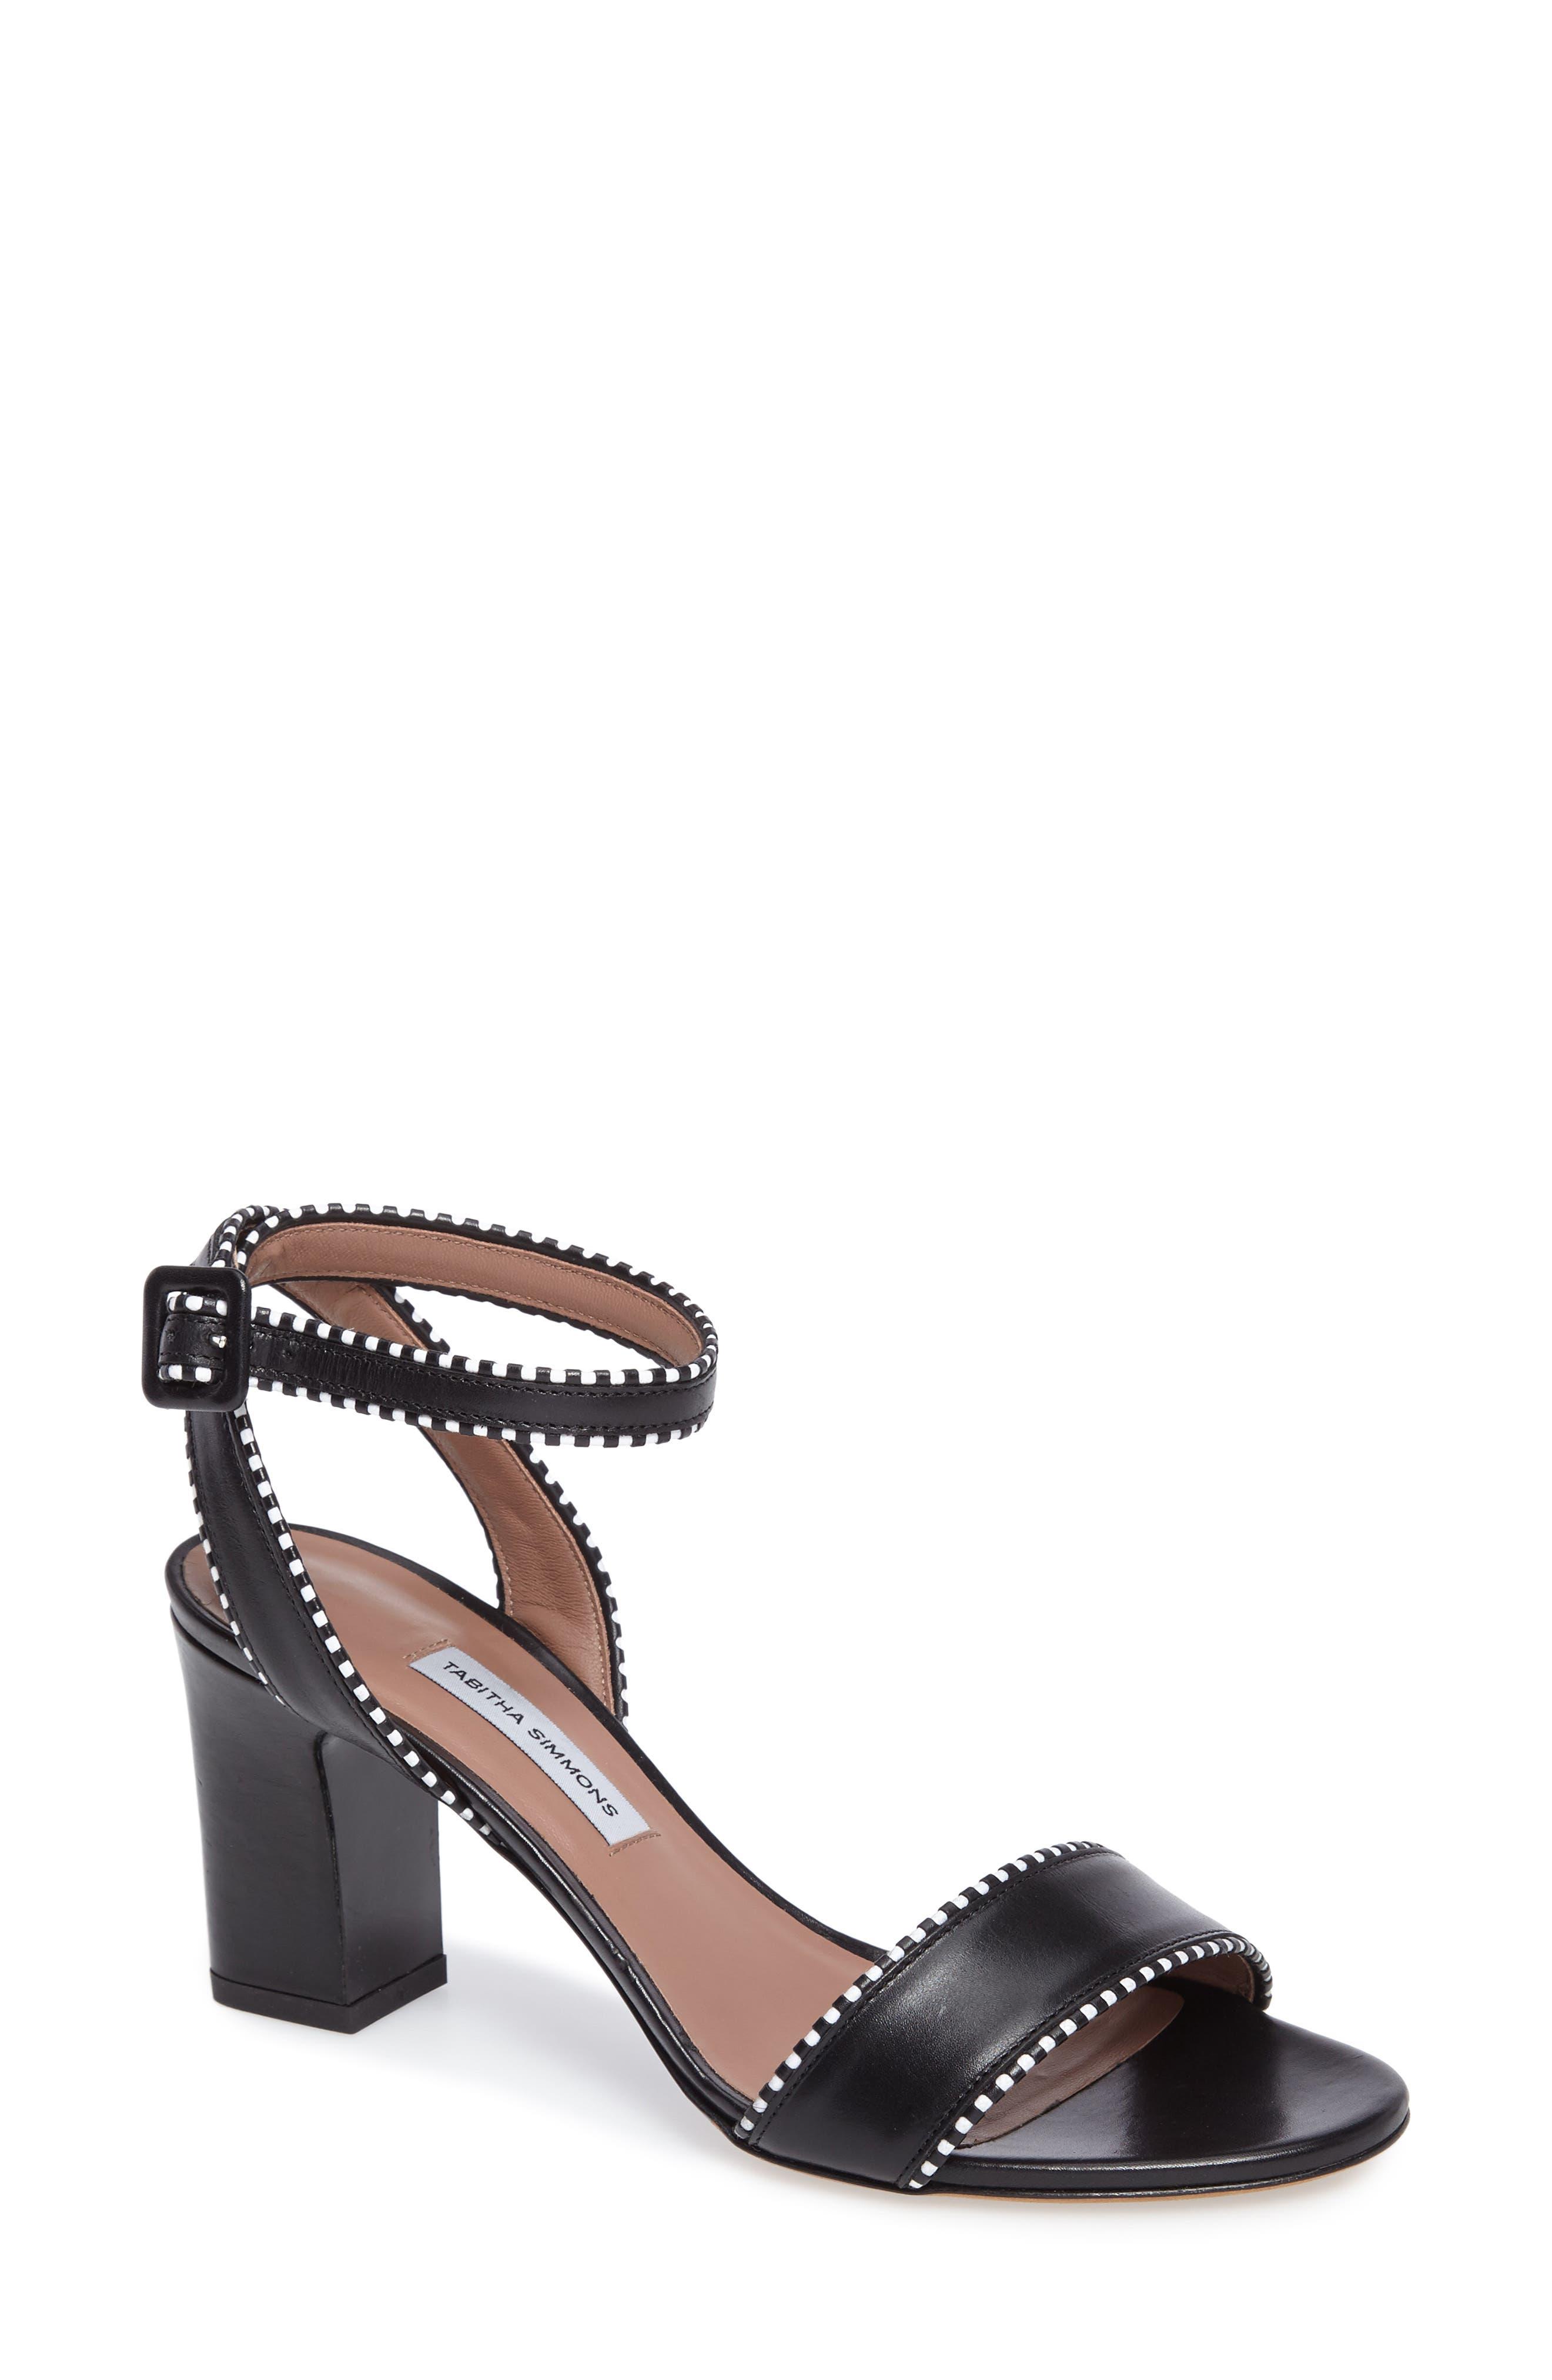 Leticia Profilo Ankle Strap Sandal,                         Main,                         color, Black